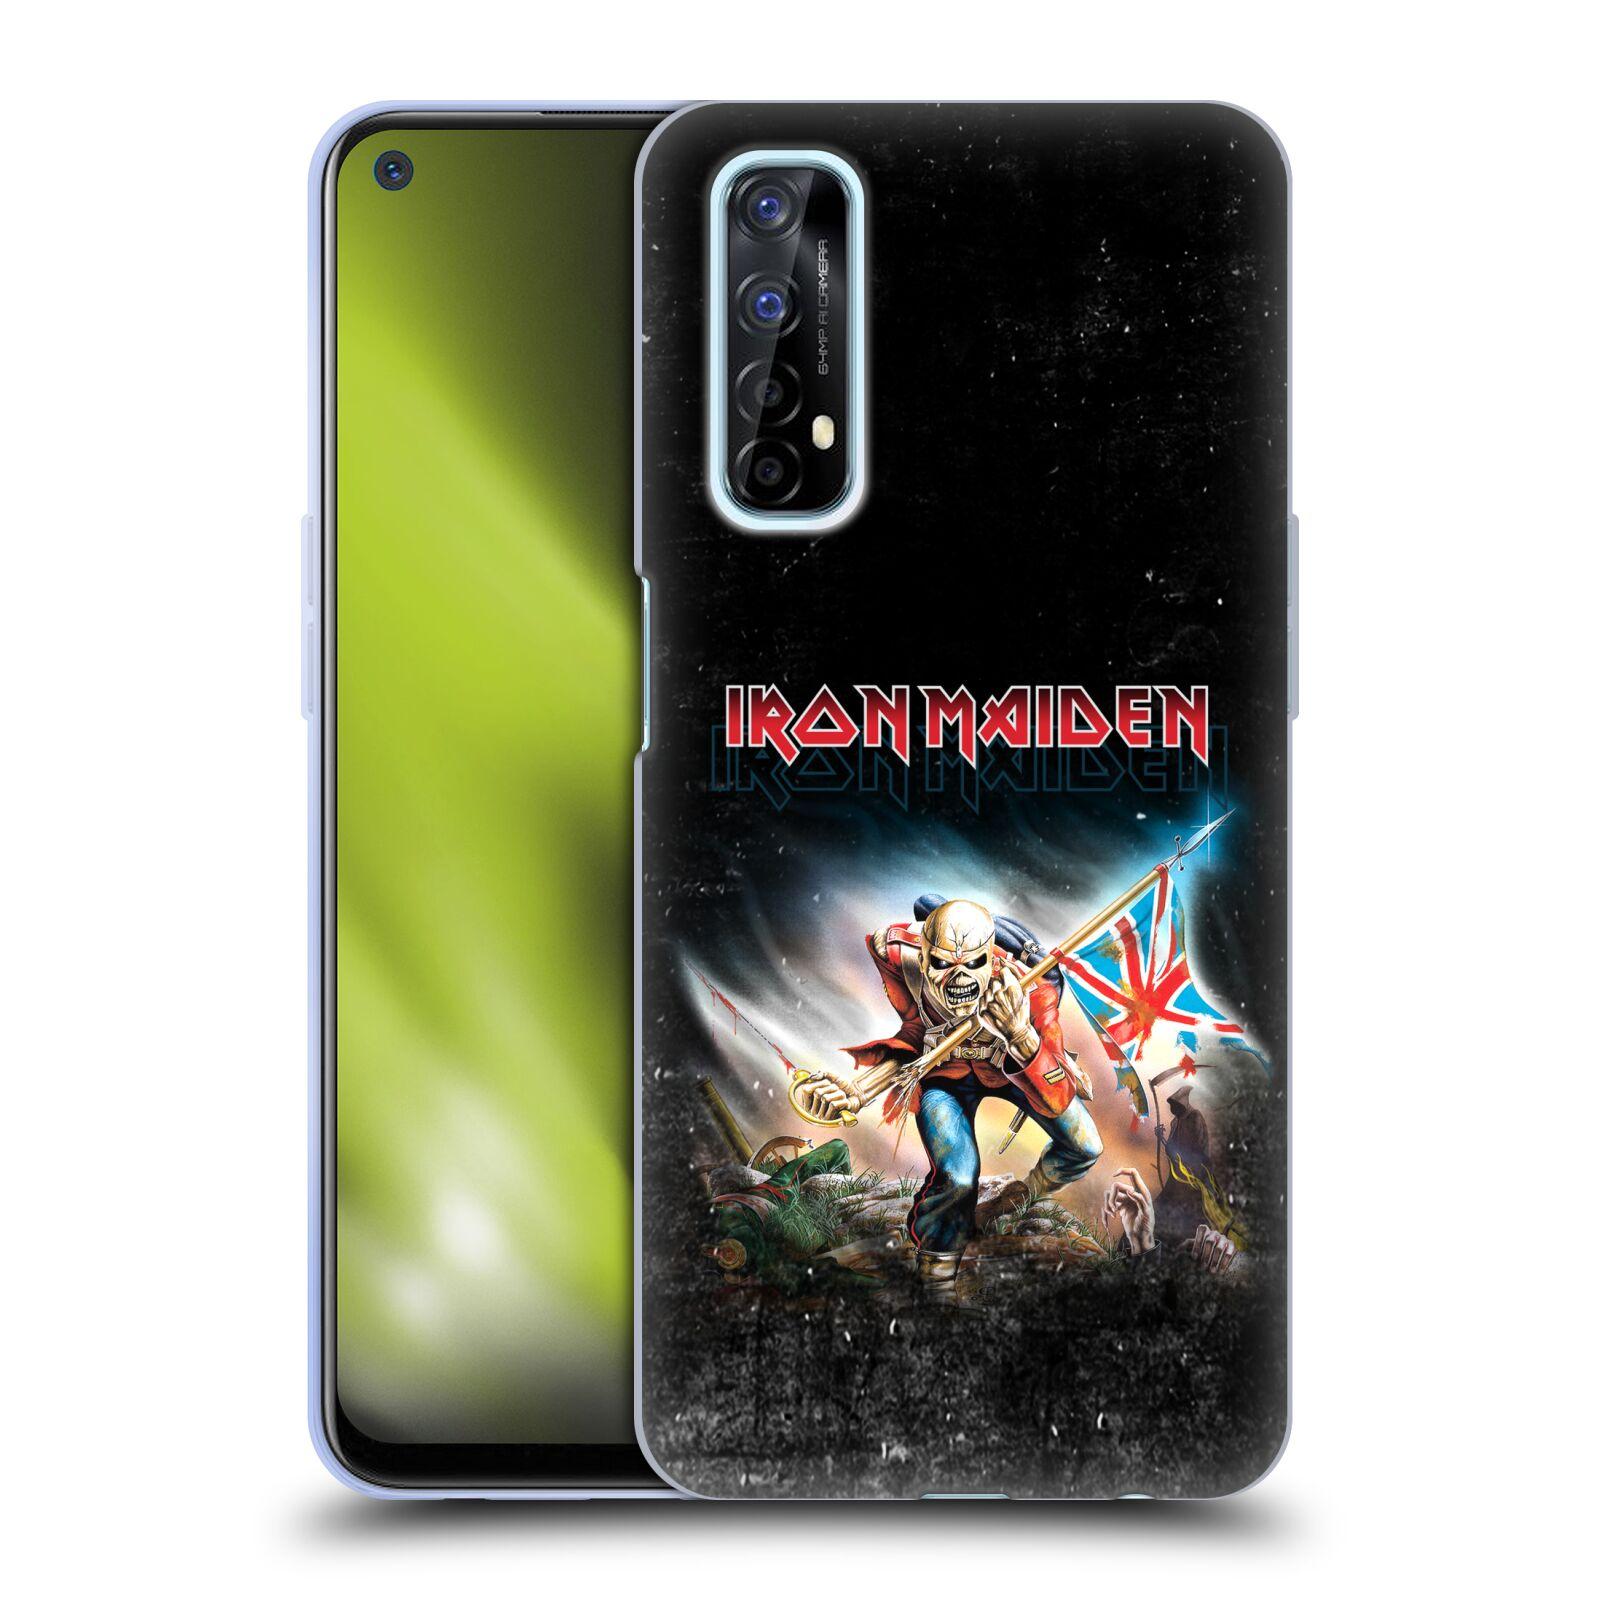 Silikonové pouzdro na mobil Realme 7 - Head Case - Iron Maiden - Trooper 2016